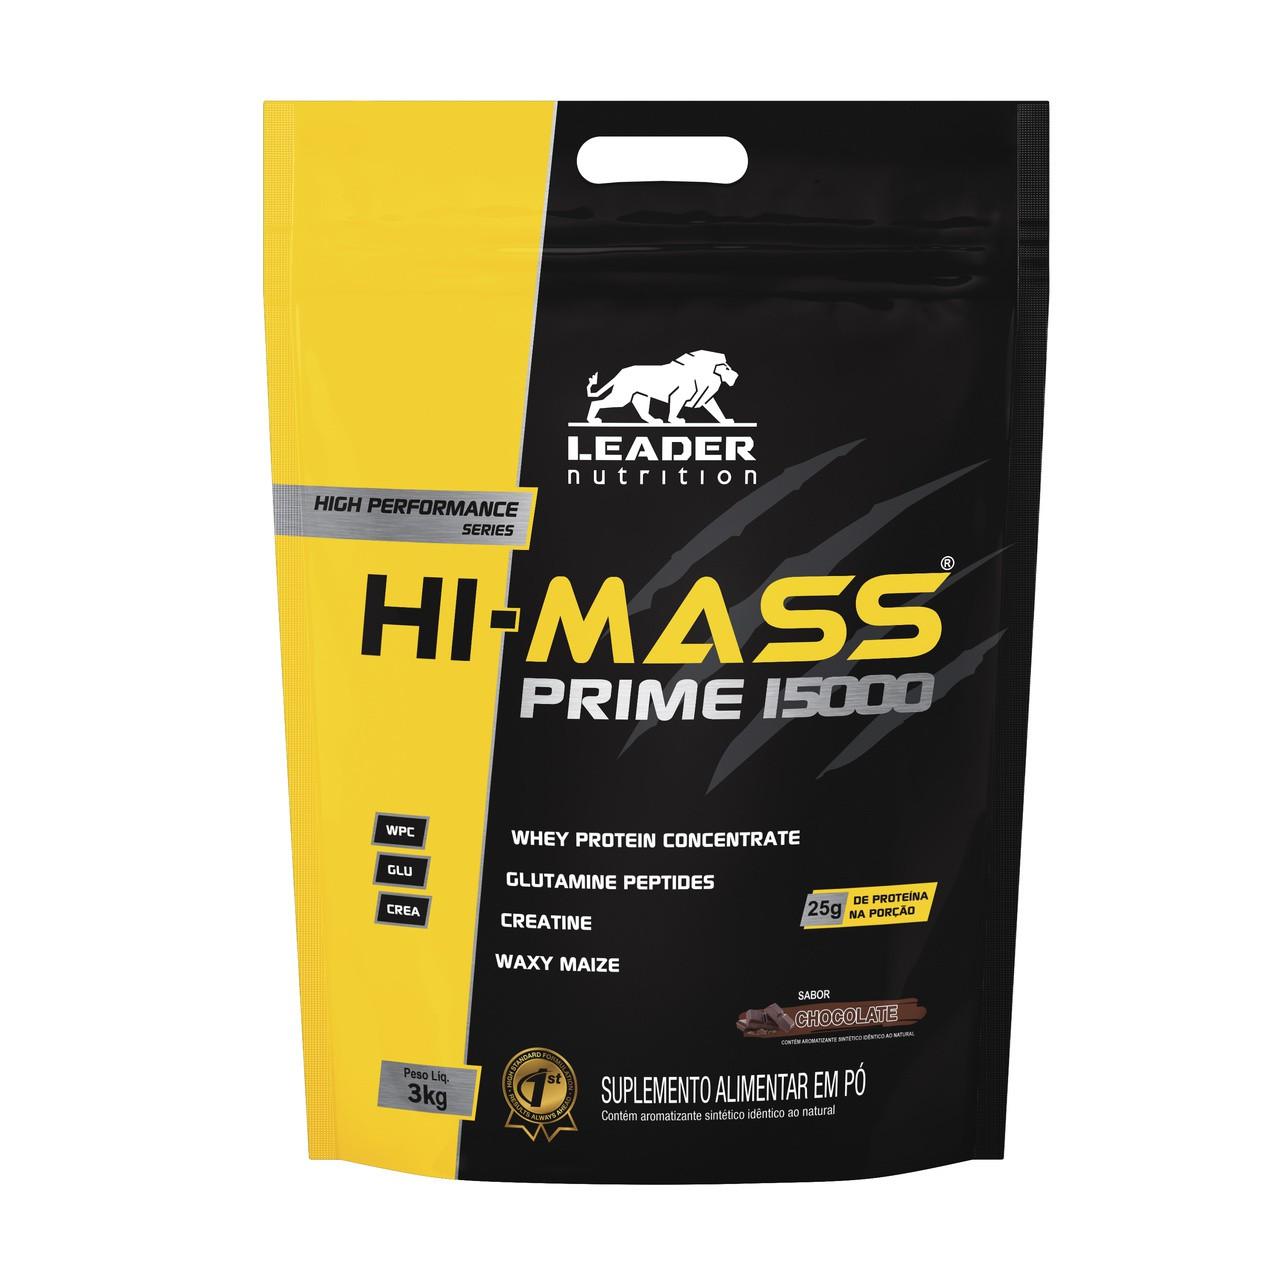 Hi-Mass Prime 15000 (3kg) - Leader Nutrition